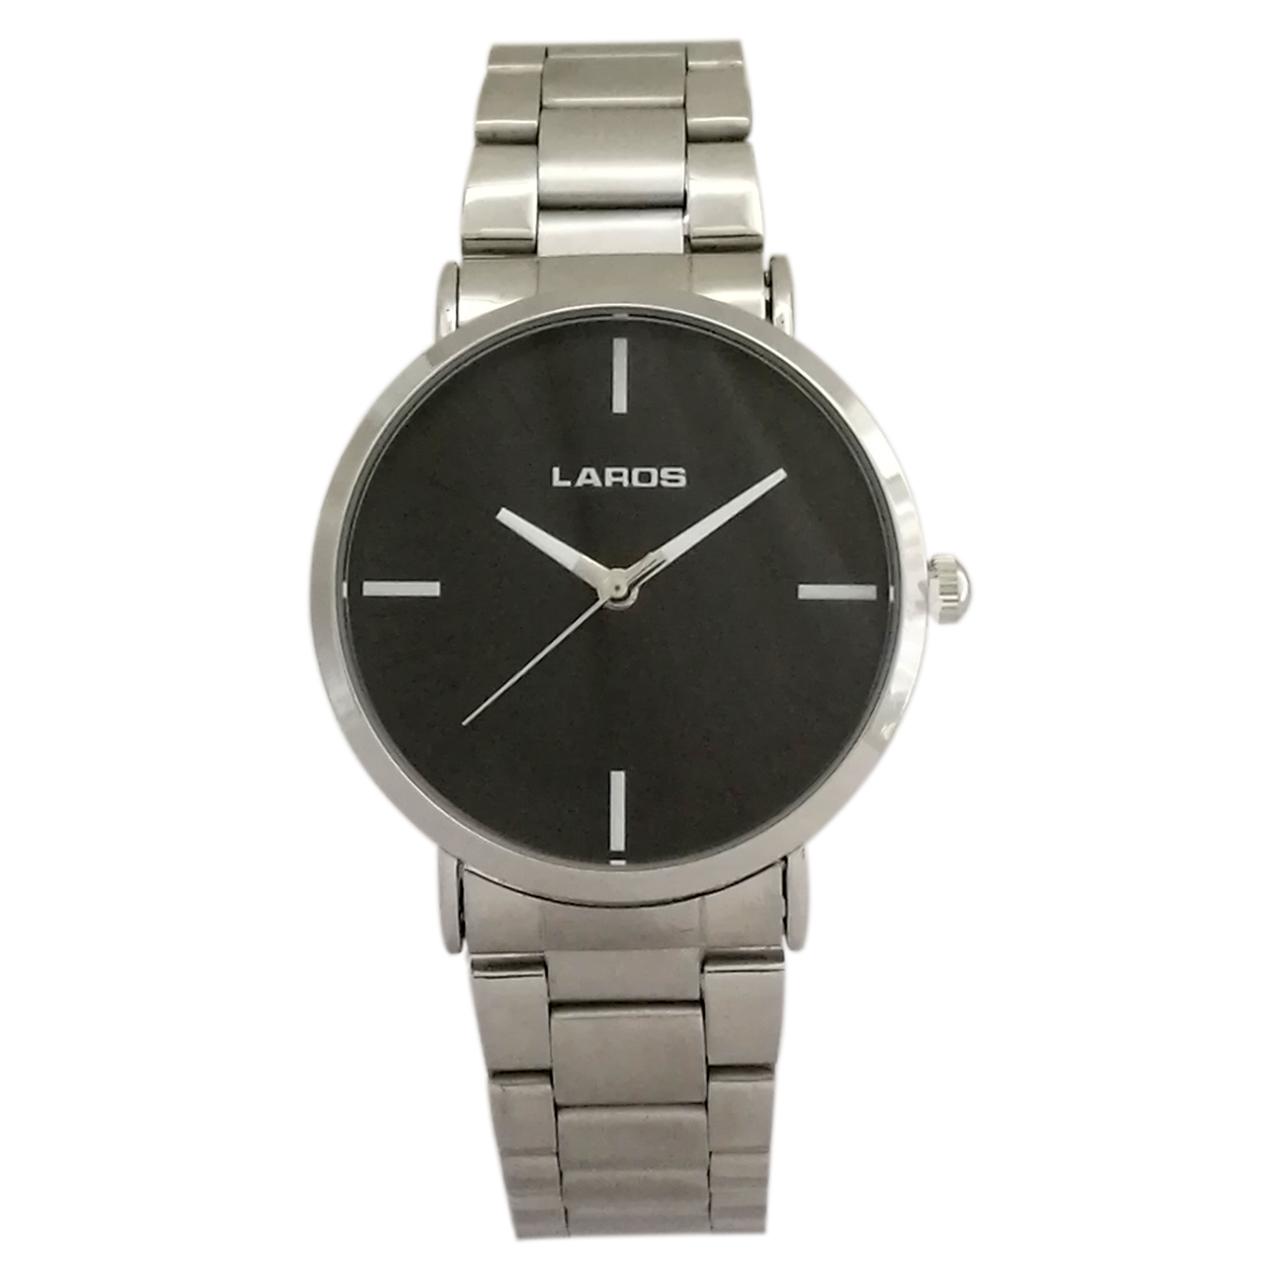 ساعت مچی عقربه ای مردانه لاروس مدل 1117-80141 7